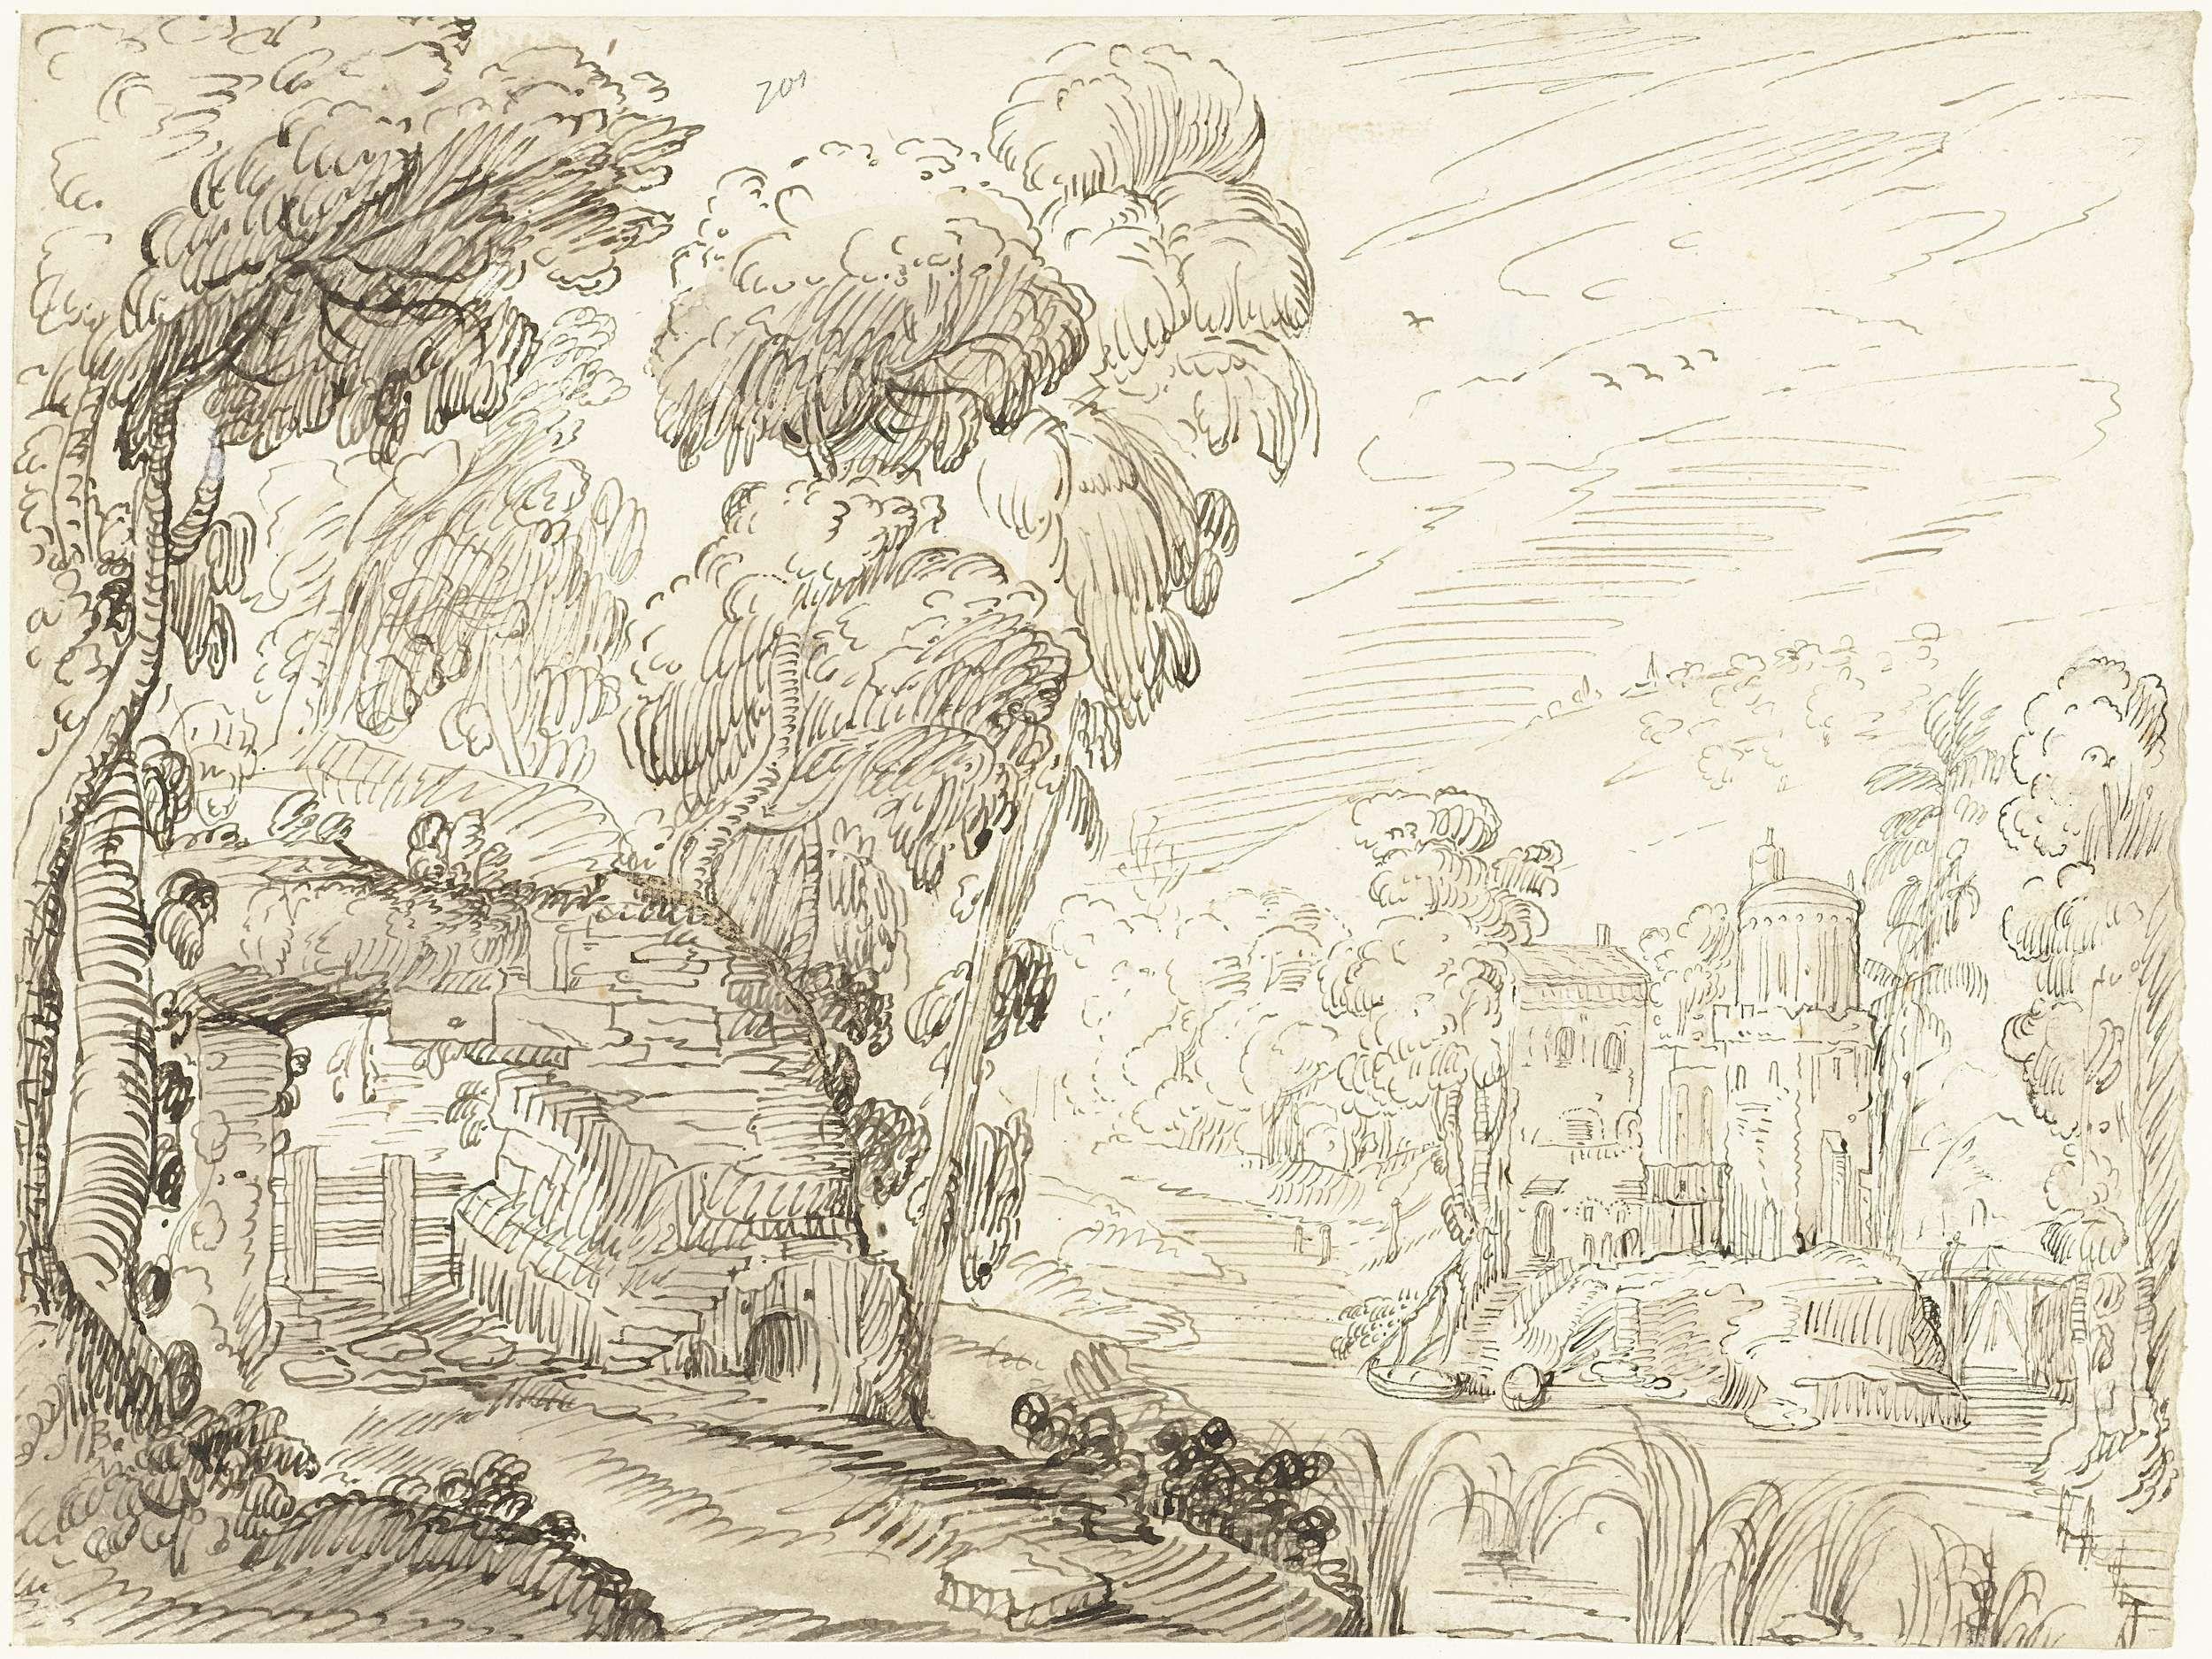 anoniem | Geïdealiseerd Italiaans landschap met een vervallen brug en een kasteel, possibly Gerard ter Borch (I), 1614 - 1616 |